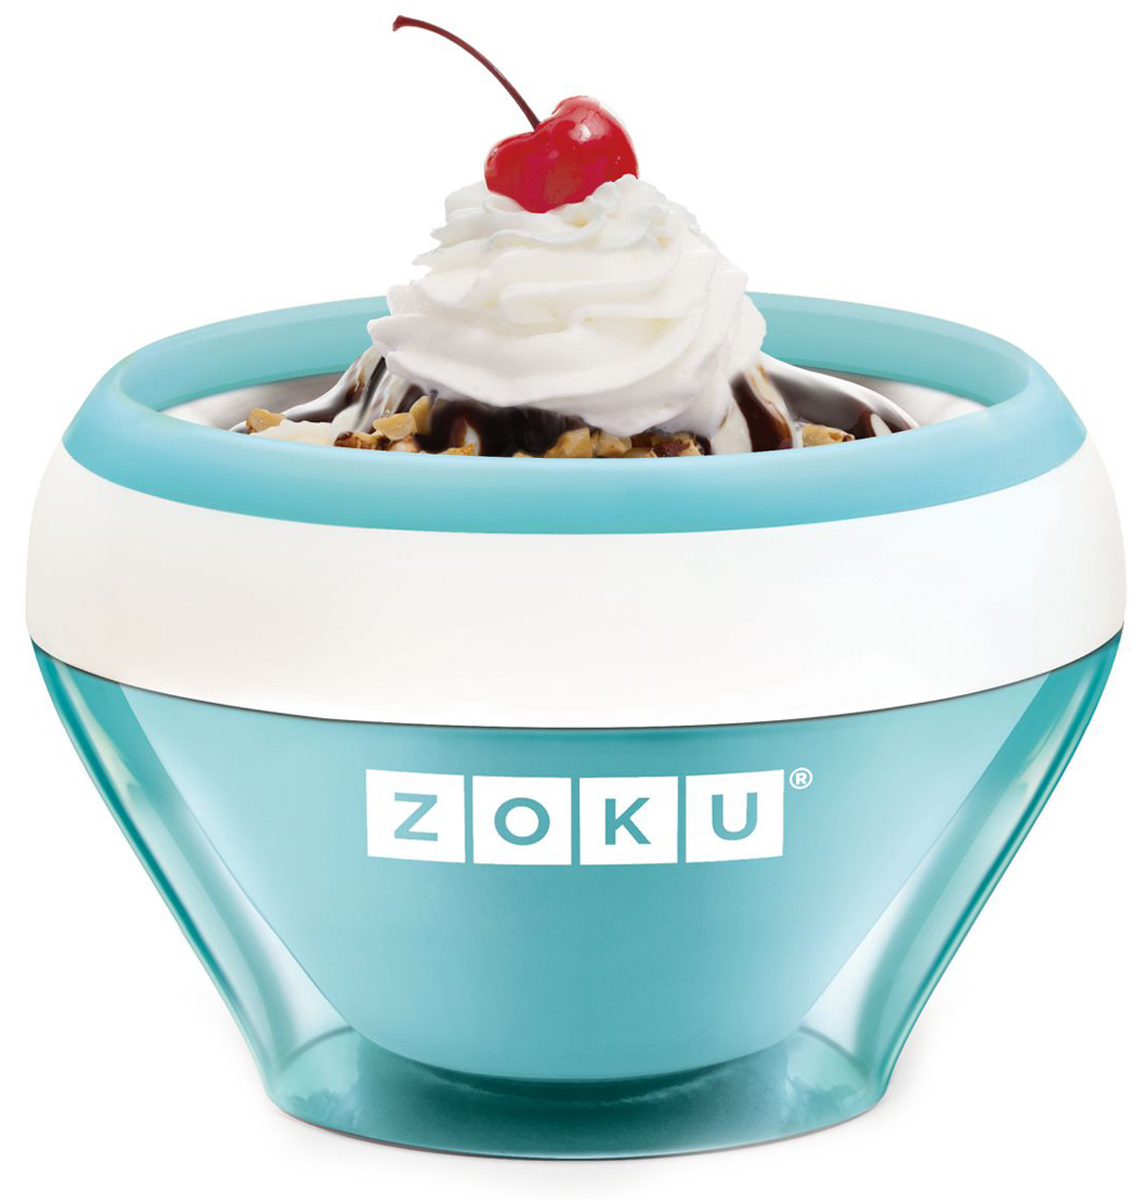 Мороженица Zoku Ice Cream Maker, цвет: голубой, 150 мл. ZK120-LBZK120-LBС помощью компактногоZoku Ice Cream Maker вы сможете быстро и без усилий приготовить натуральные домашние десерты: мороженое, сорбет, щербет, замороженный йогурт, заварной крем и прочие лакомства. Почувствуйте себя настоящим профессионалом – создавайте вкусные и полезные десерты на основе натуральных ингредиентов. Комбинируйте вкусовые добавки и украшайте готовое мороженое фруктами, сладкими или пряными присыпками, орехами и шоколадом. Как использовать:1. Поместите внутреннюю пустую форму в морозильную камеру на двенадцать и более часов. Форма должна быть абсолютно сухой и располагаться вертикально. 2. Через двенадцать часов верните её во внешний корпус и наполните желаемыми продуктами. Все ингредиенты должны быть охлажденными. 3. Сразу начинайте перемешивать массу с помощью специальной ложки. Не давайте краям примерзнуть к форме.Через 7-10 минут ваш десерт готов. Для получения твердого мороженого поместите форму в морозильную камеру на дополнительные 10-15 минут. Объем - 150 мл.Не содержит вредных примесей и бисфенола-А. Не подходит для использования в микроволновой печи. Моется вручную.